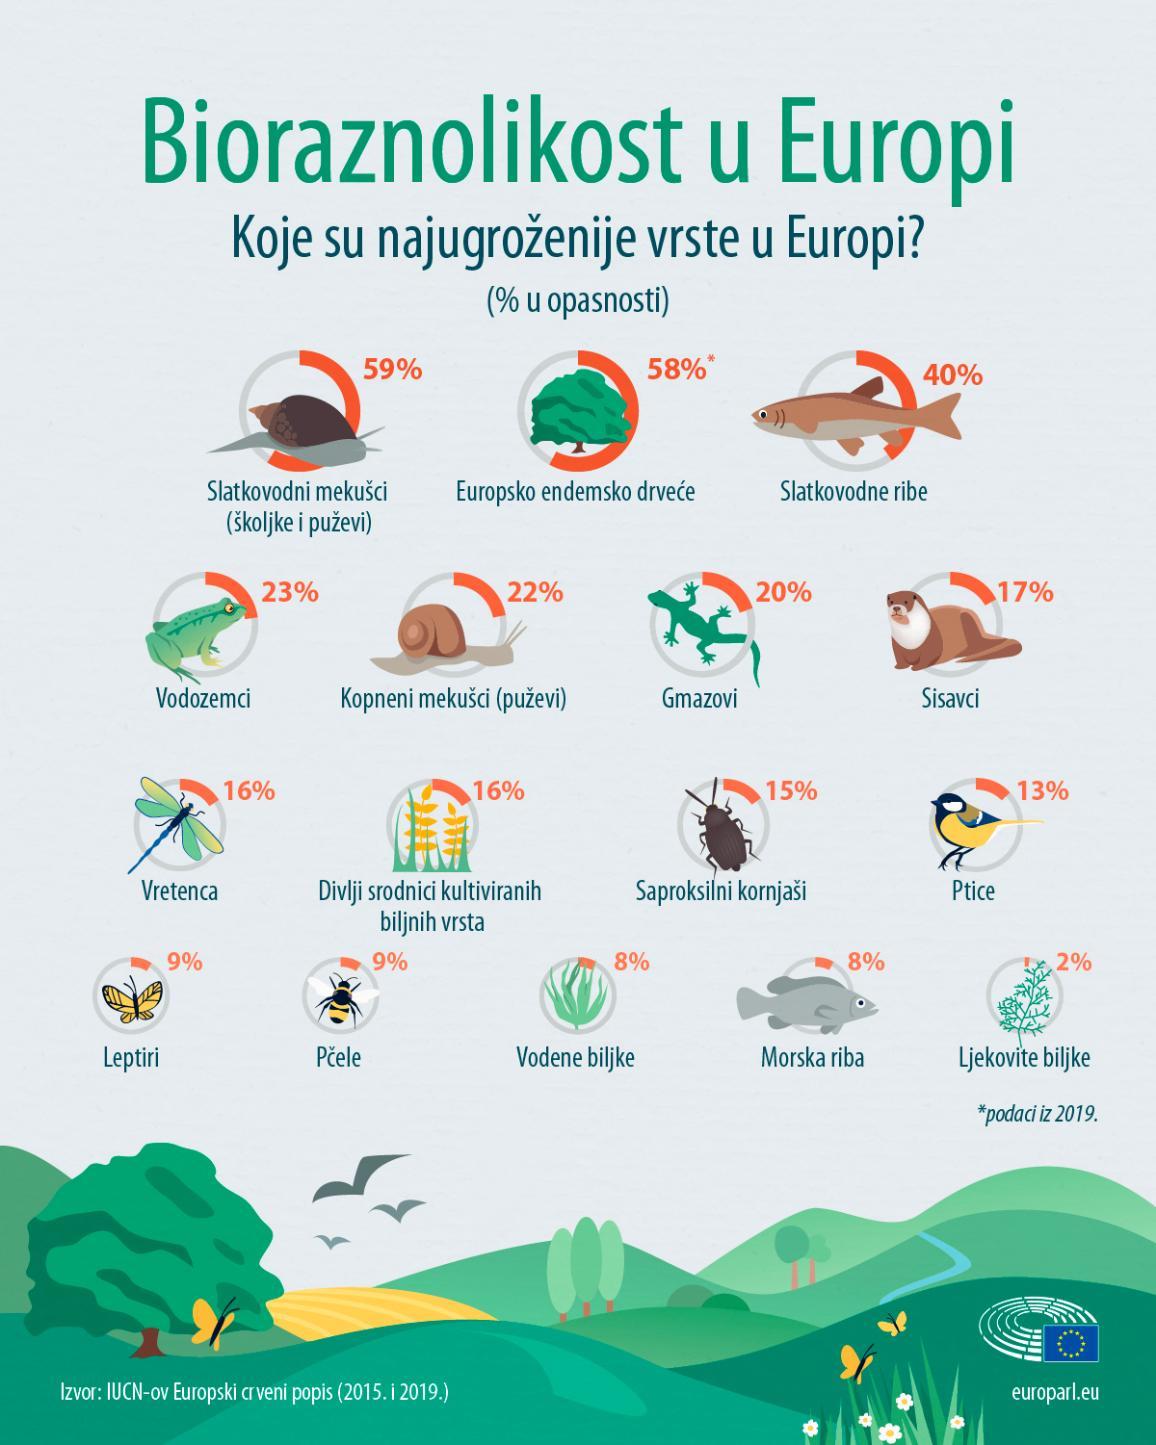 Infografika koja prikazuje najugroženije vrste u Europi